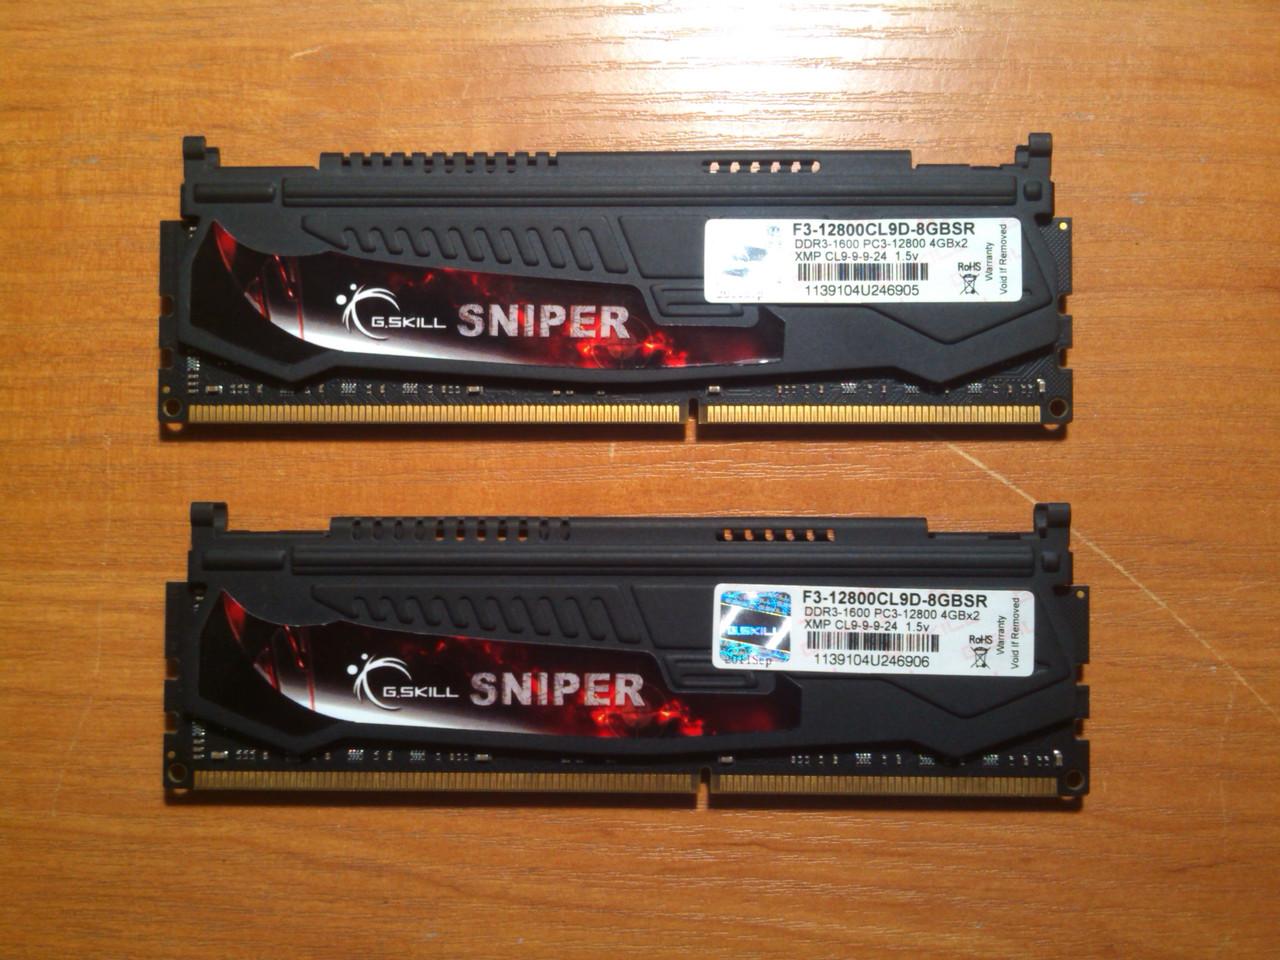 Пара G.SKILL DDR3 8GB 1600MHz PC3-12800 під Intel/AMD Гарантія!